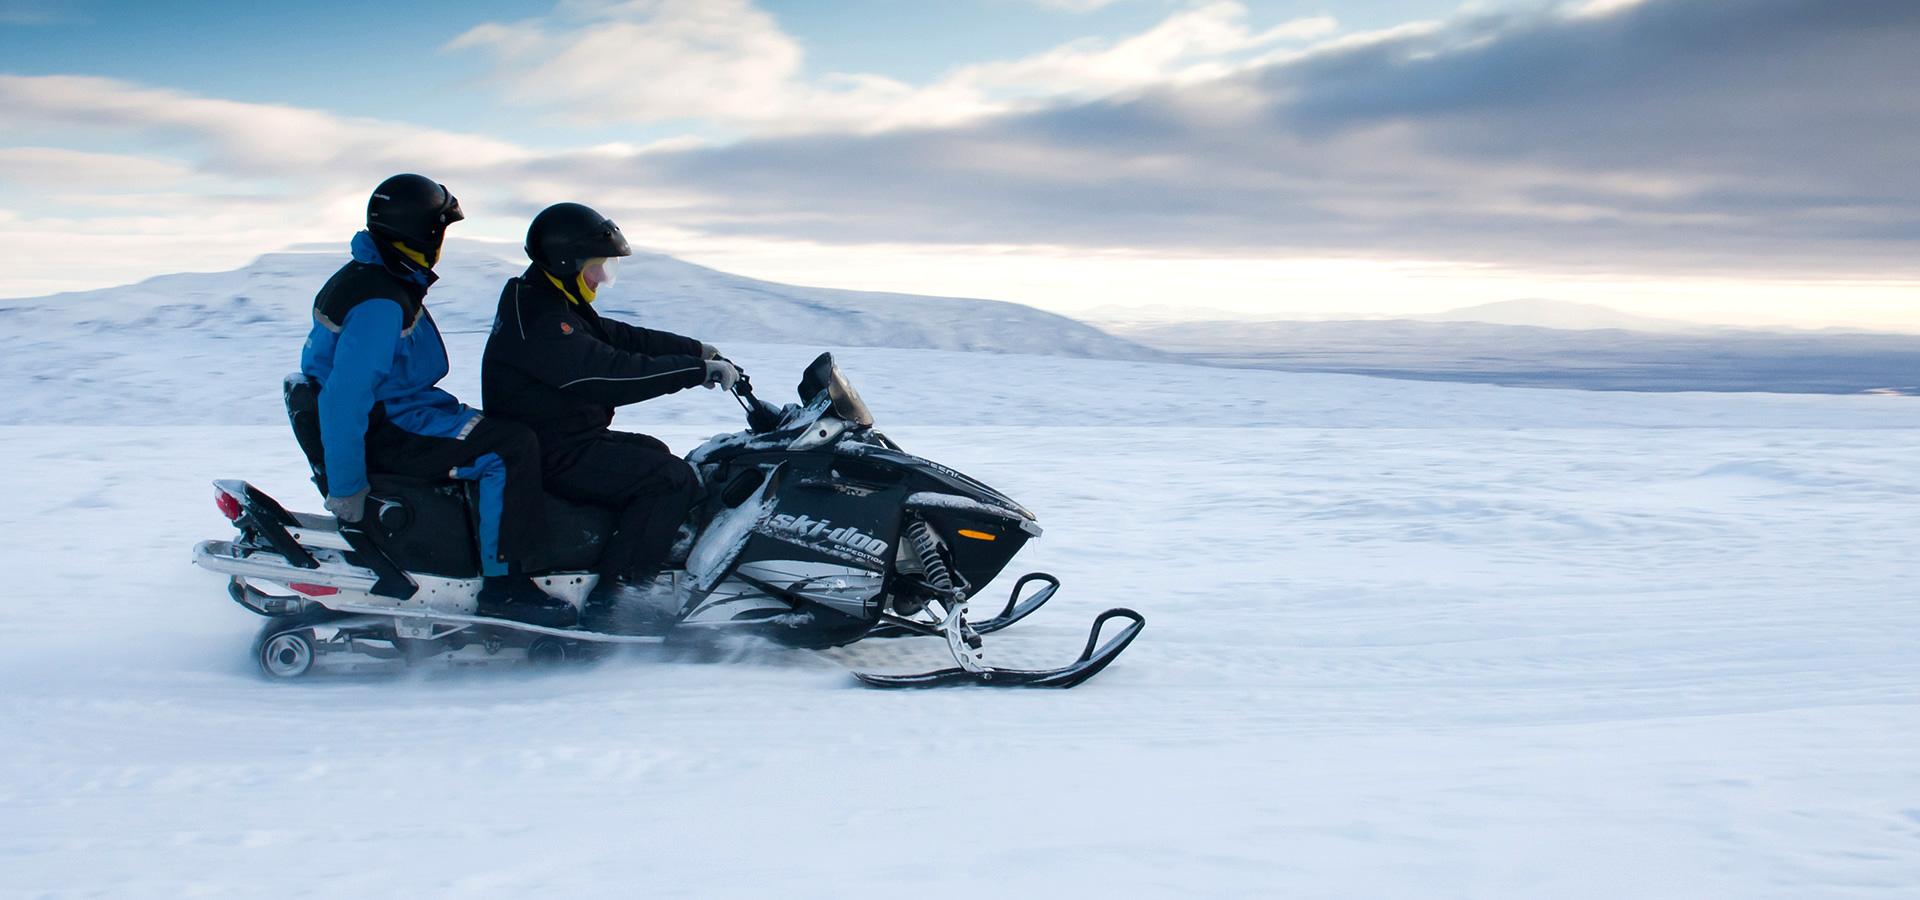 参加雪地摩托旅行团,可以感受驰骋在冰川上的畅快之感